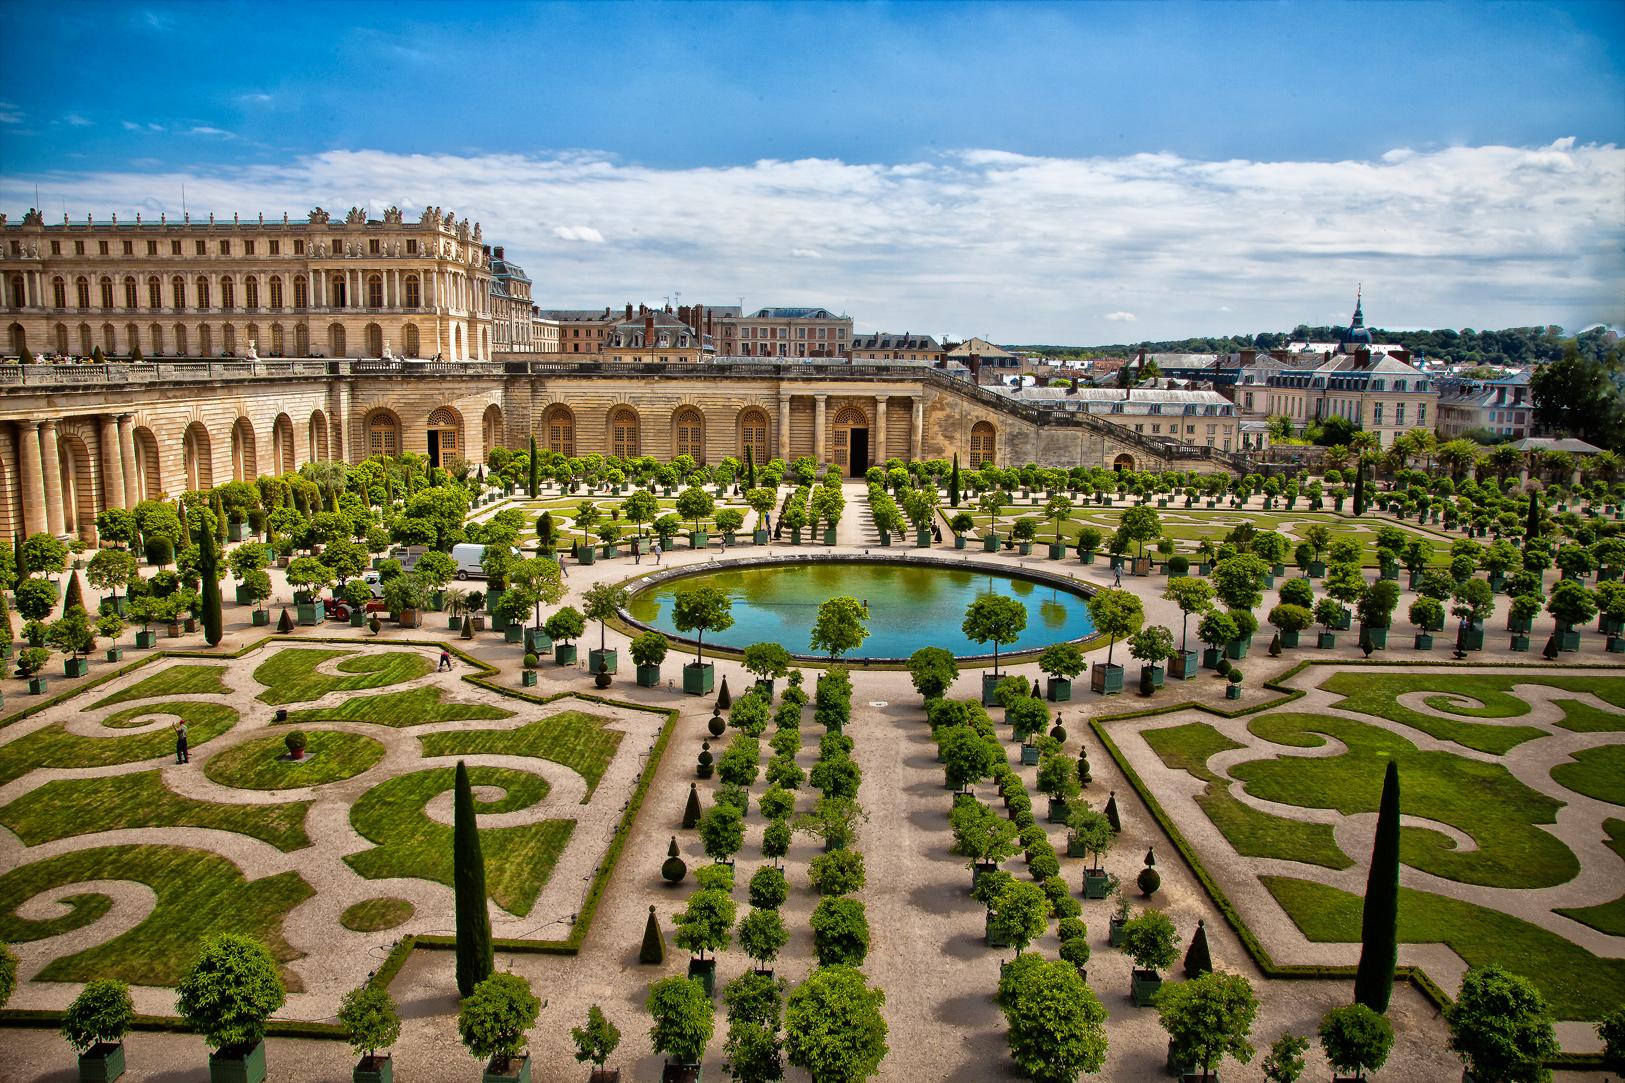 L'Orangerie de Versailles